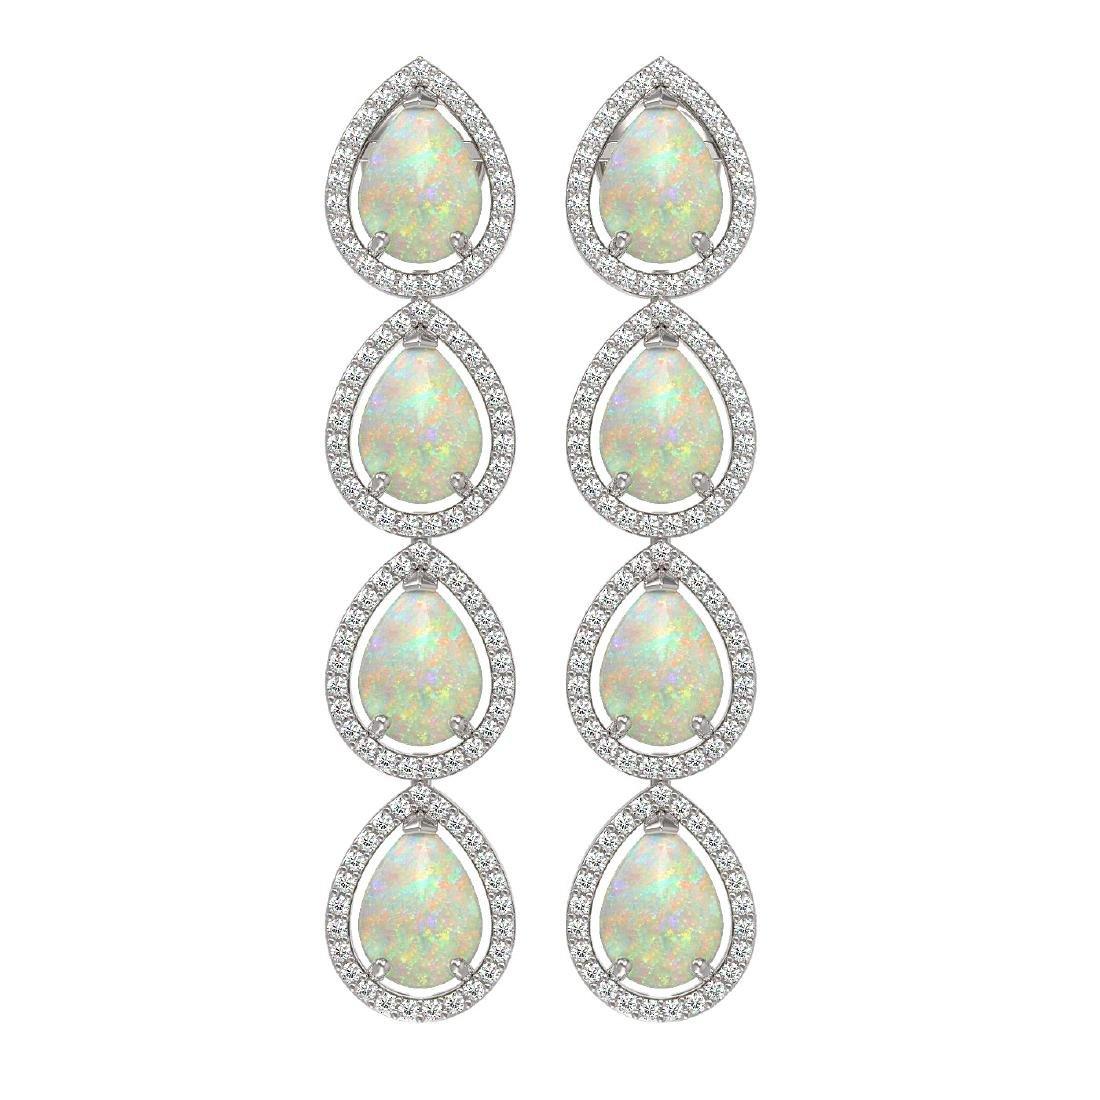 9.12 CTW Opal & Diamond Halo Earrings 10K White Gold